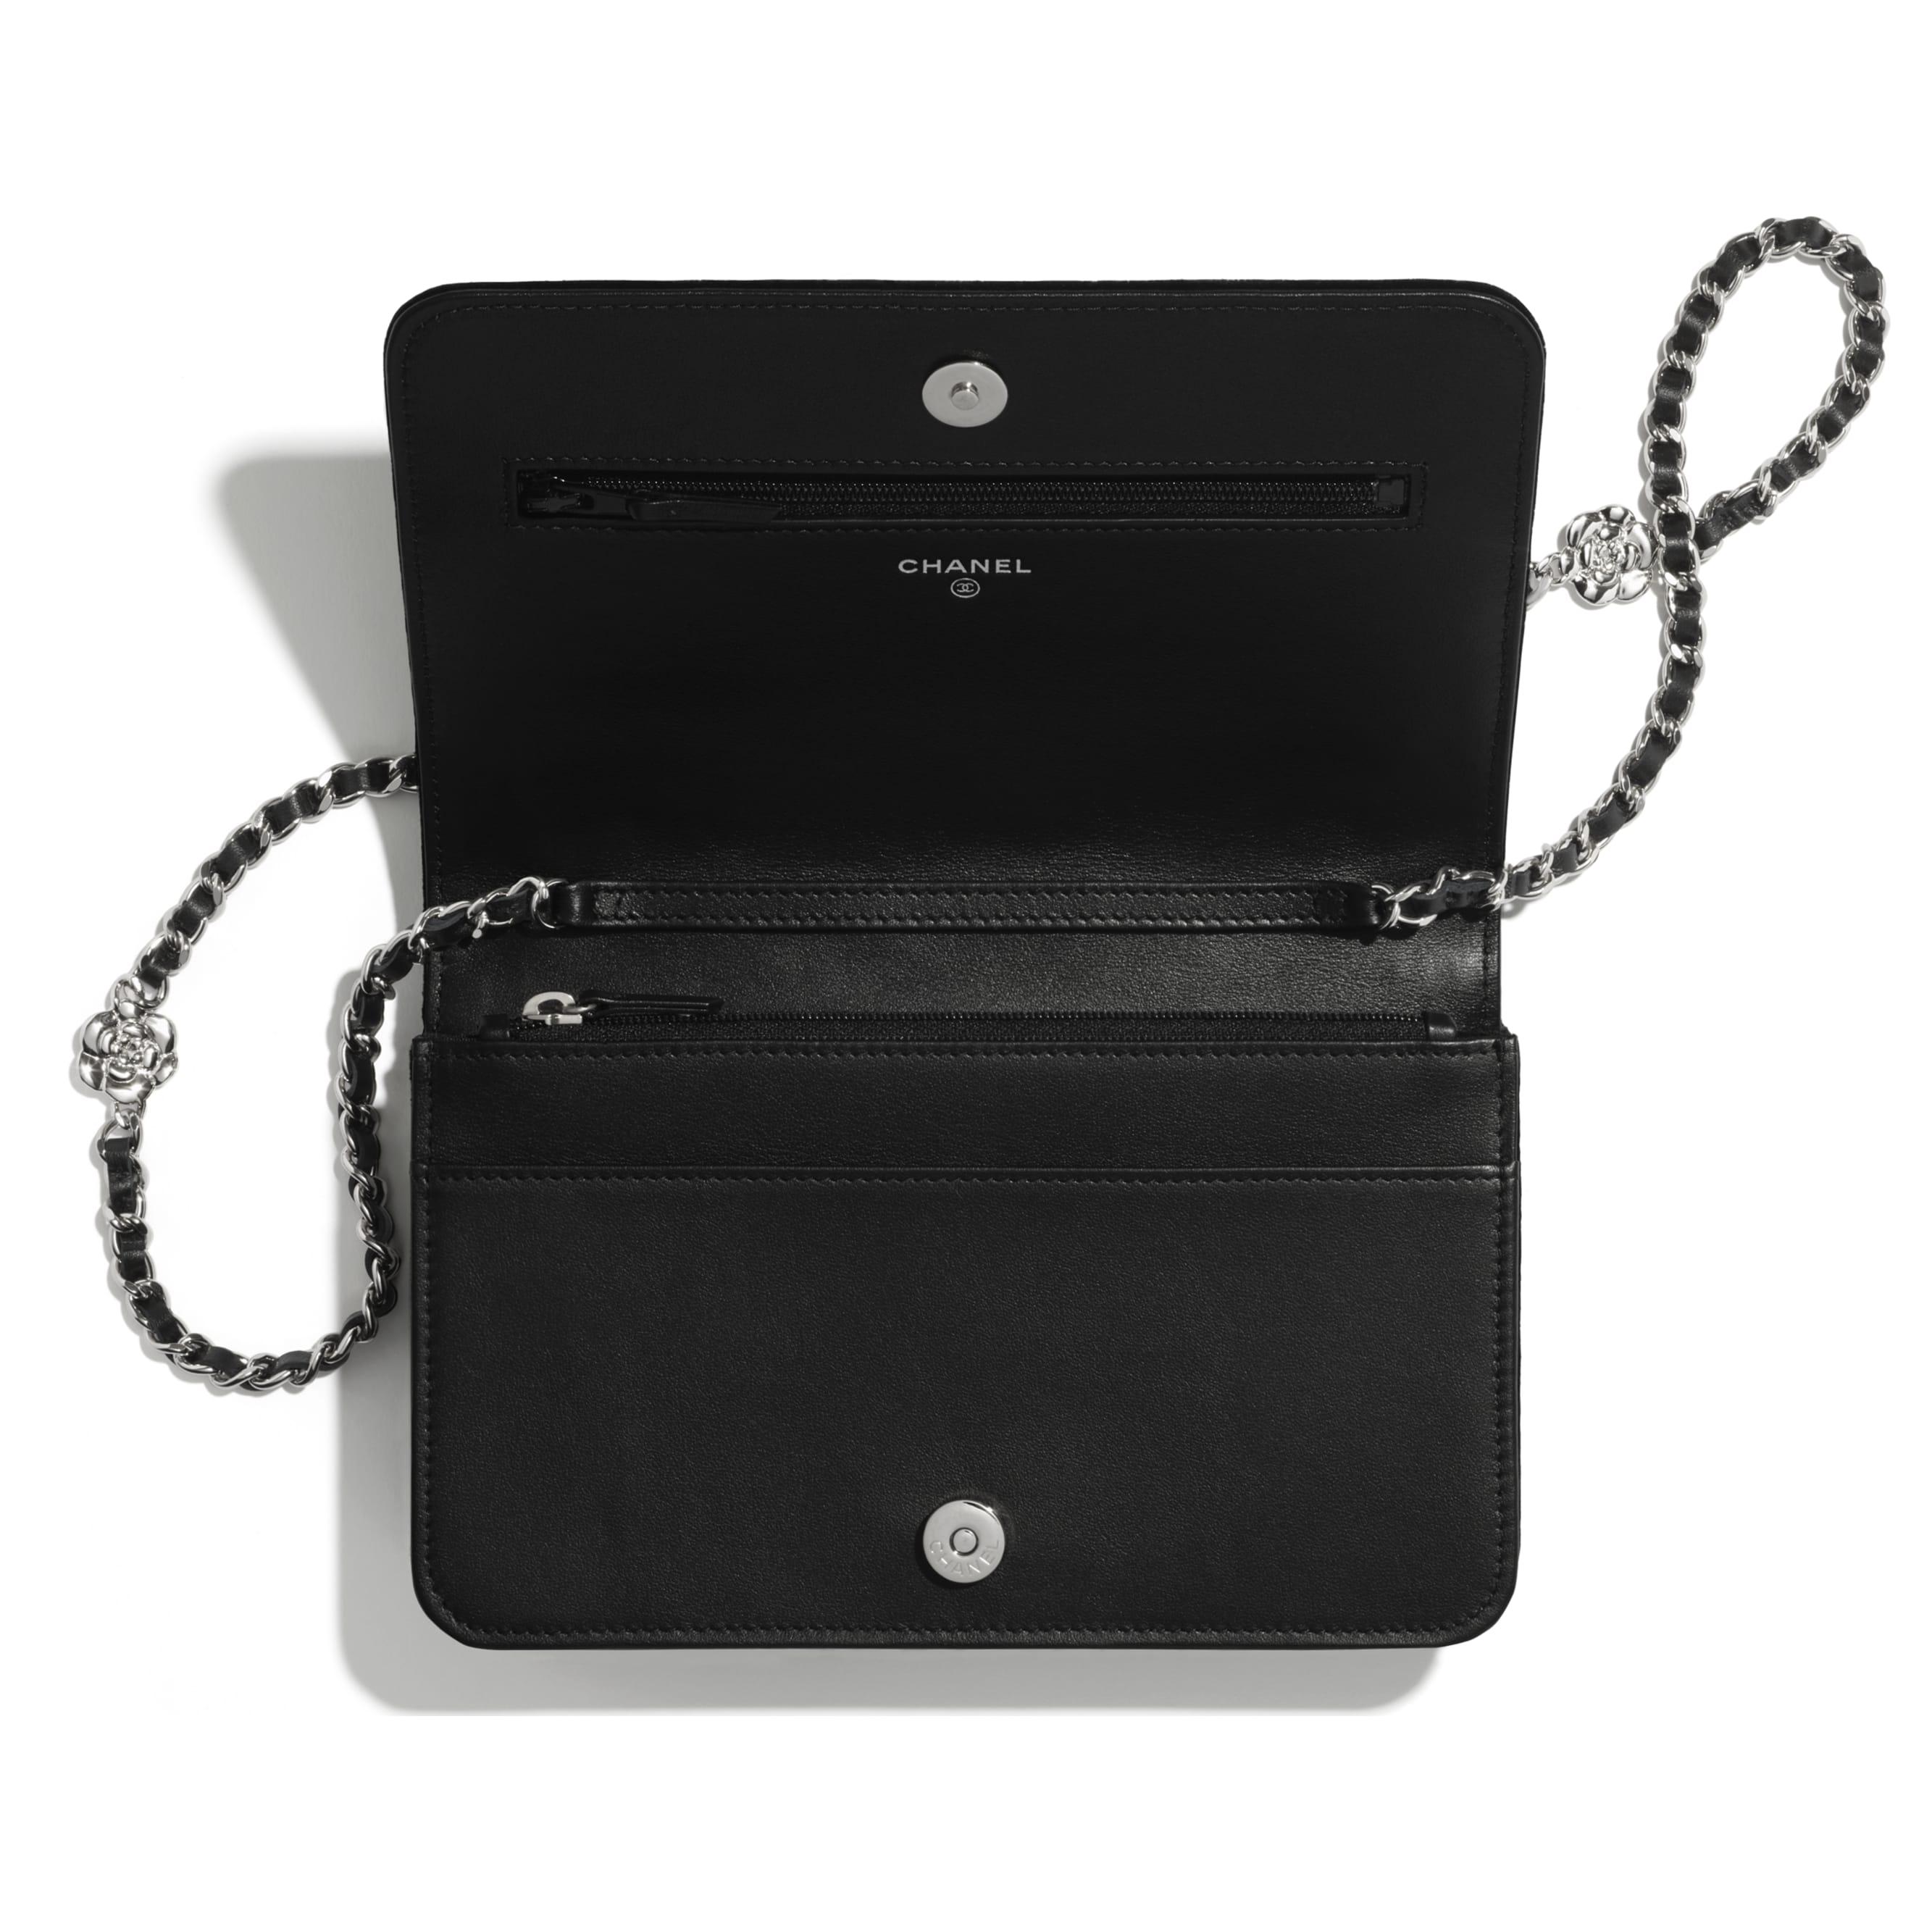 Torebka portfelowa z łańcuchem  - Kolor czarny - Aksamit i metal w tonacji srebrnej - CHANEL - Inny widok – zobacz w standardowym rozmiarze